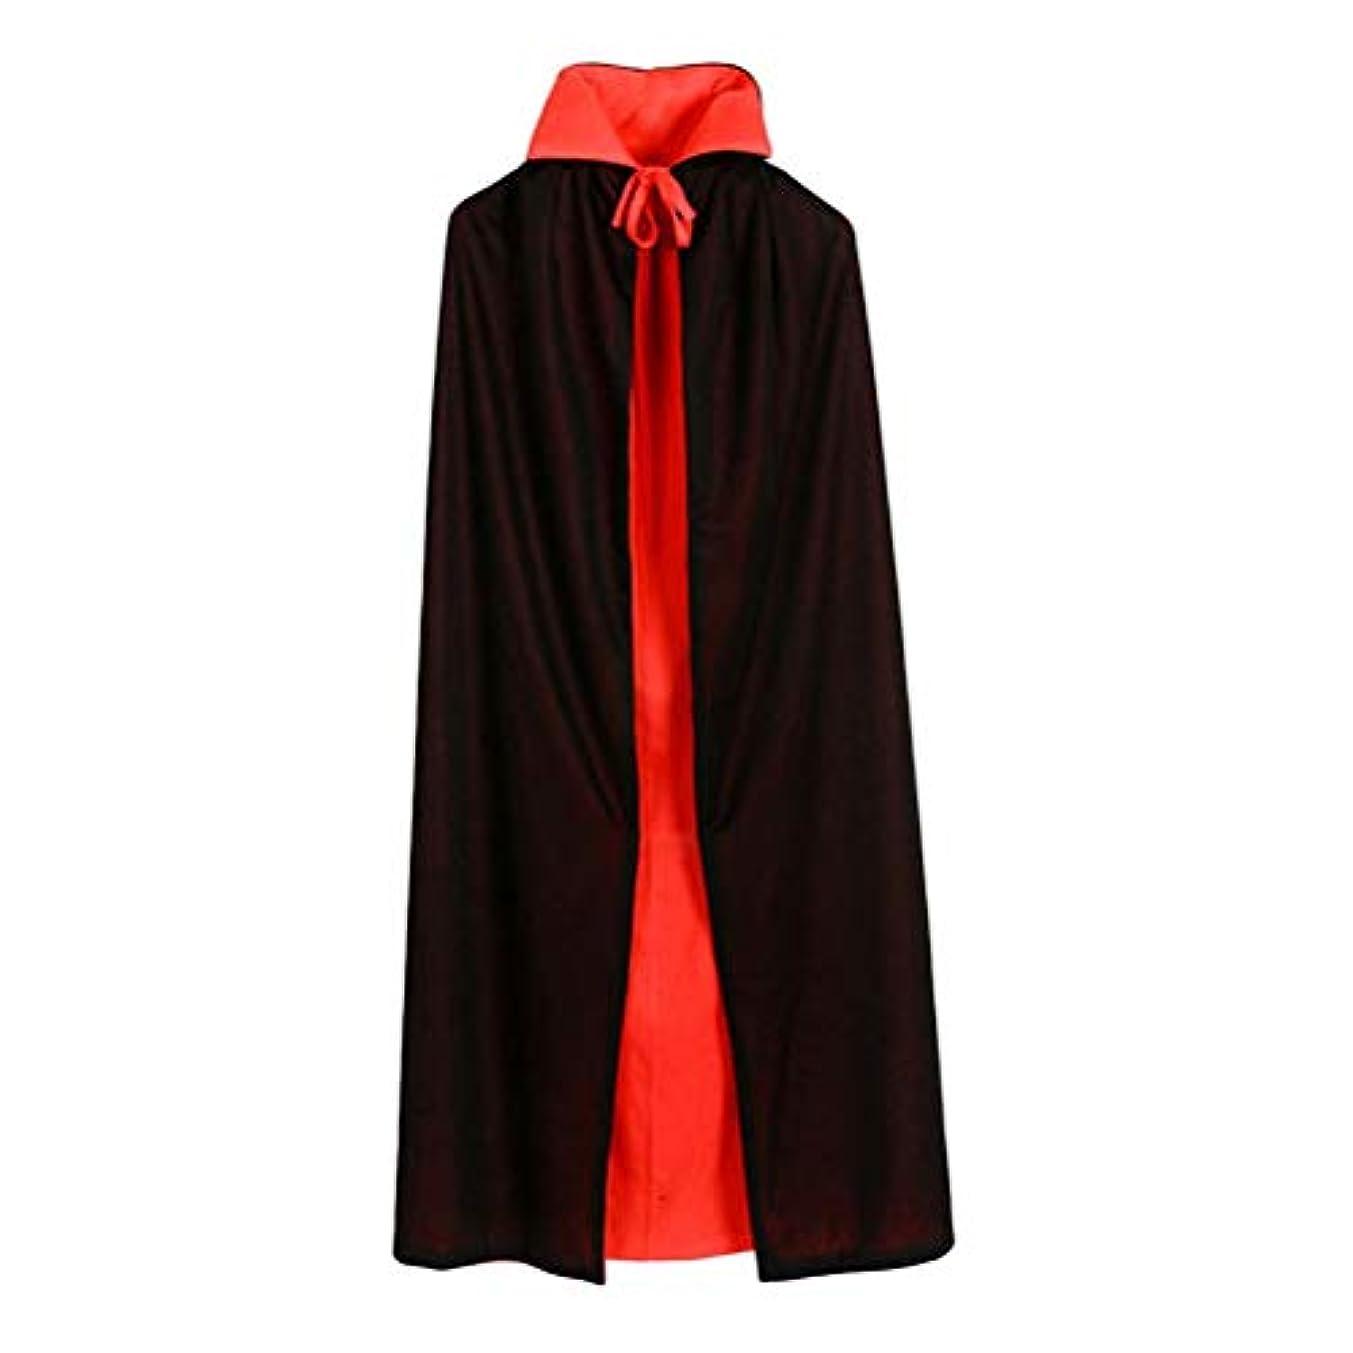 患者考慮微弱Toyvian ヴァンパイアマント二重層黒と赤のフード付きマントヴァンパイアコスチュームコスプレケープは男の子と女の子のためにドレスアップ(90cmストレートカラーダブルマント)